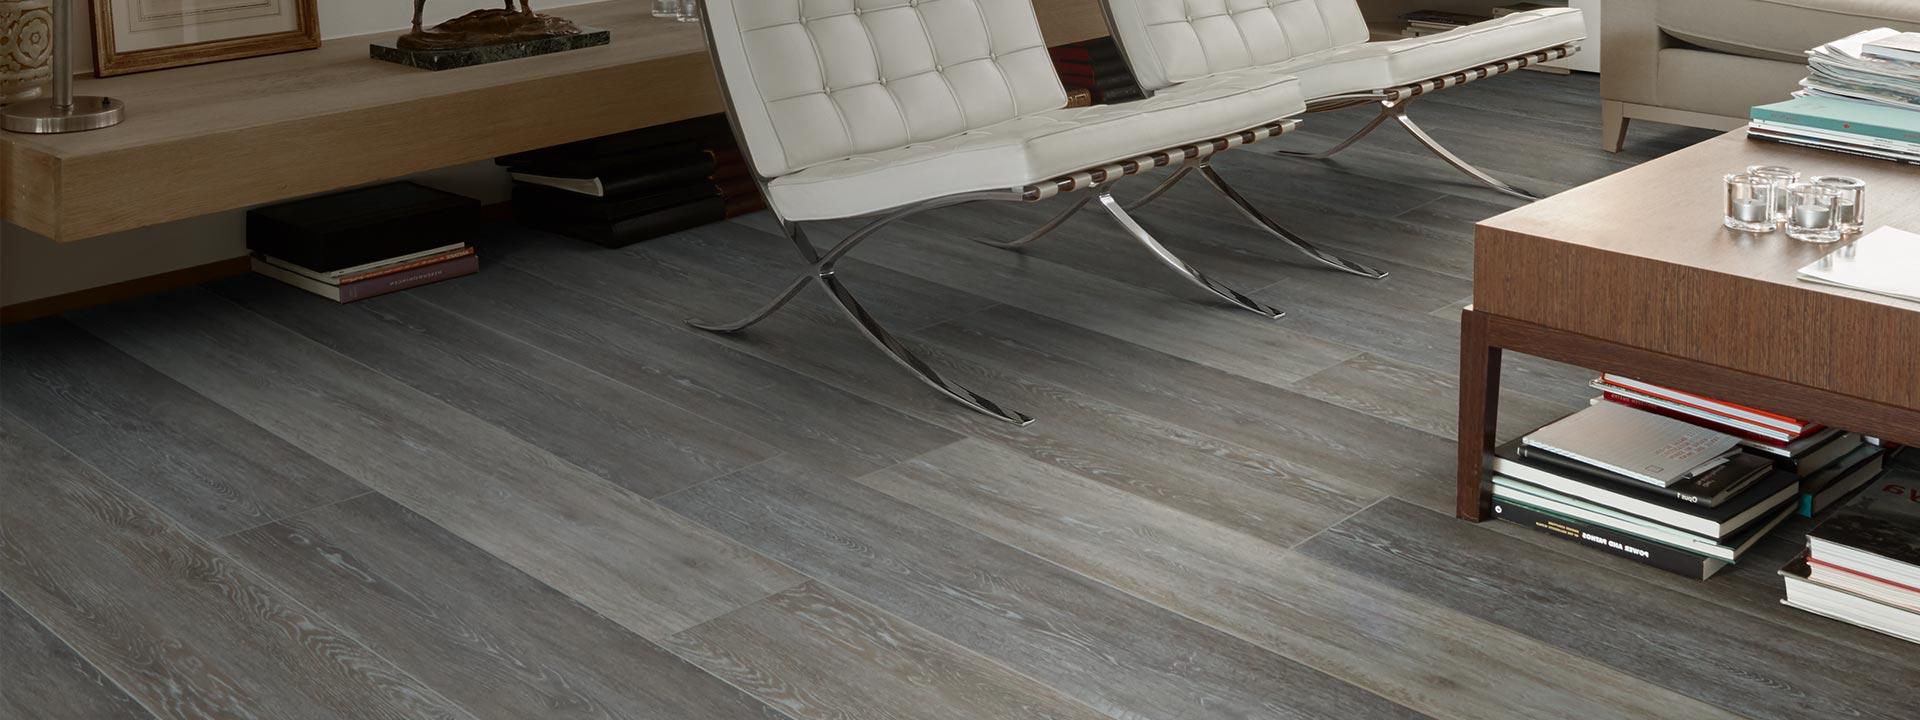 vinylboden vor und nachteile obi vinylboden test with vinylboden vor und nachteile simple. Black Bedroom Furniture Sets. Home Design Ideas